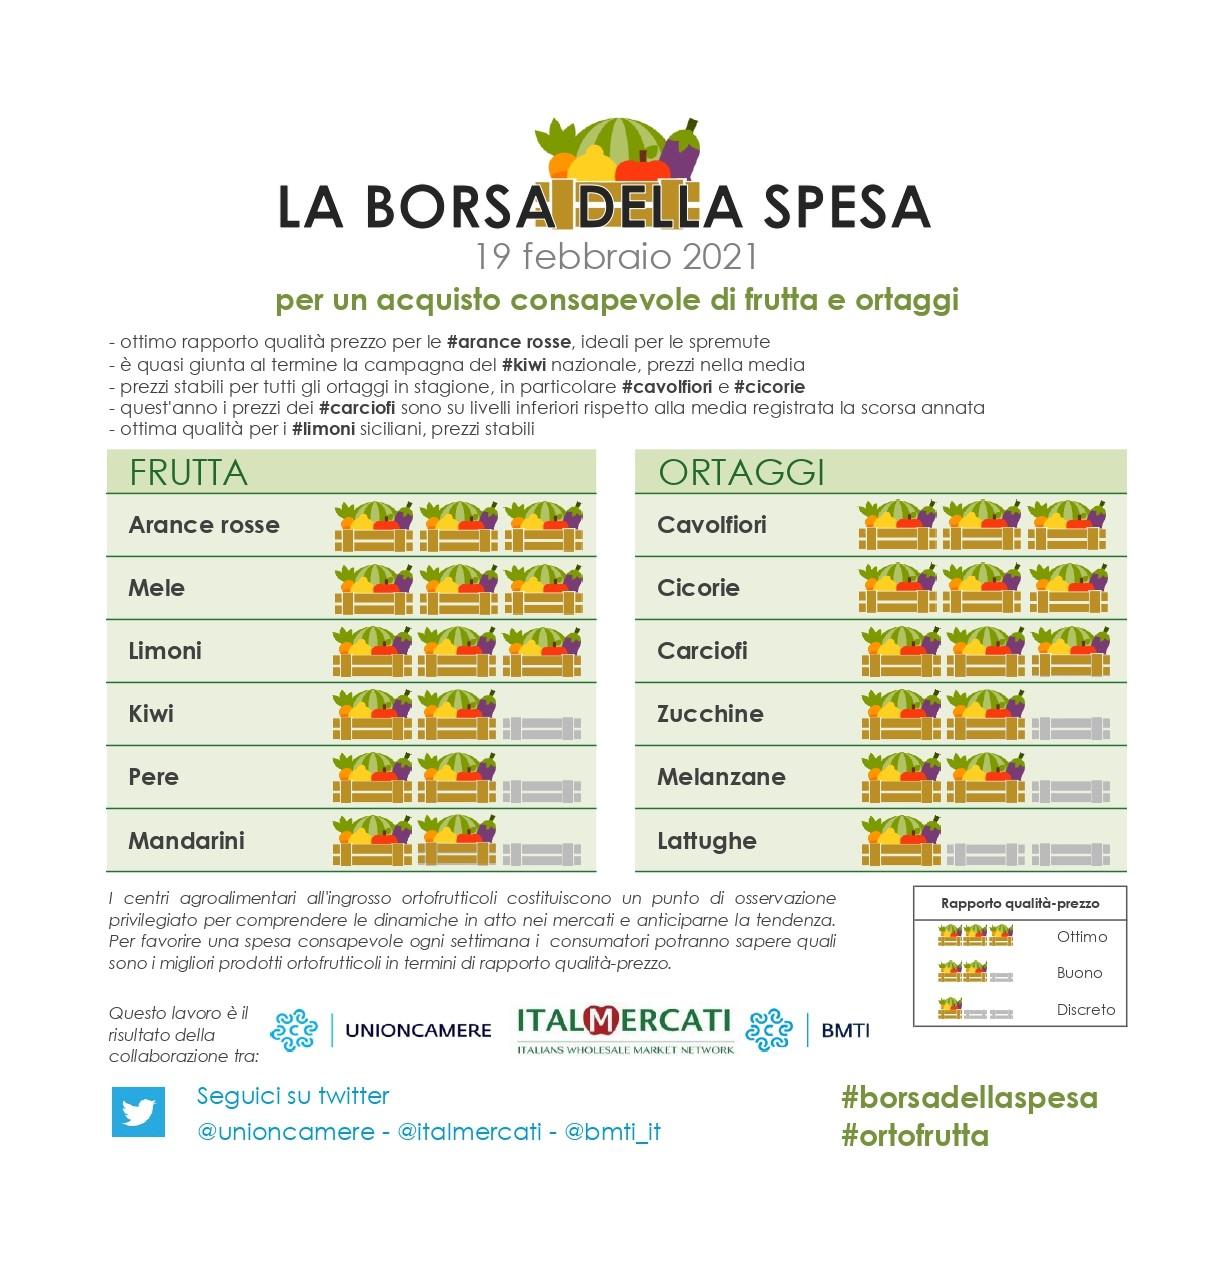 Nella #borsadellaspesa di #ortofrutta di questa settimana: #arance rosse, #mele, #limoni, #cavolfiori, #cicorie e #carciofi - 19 febbraio